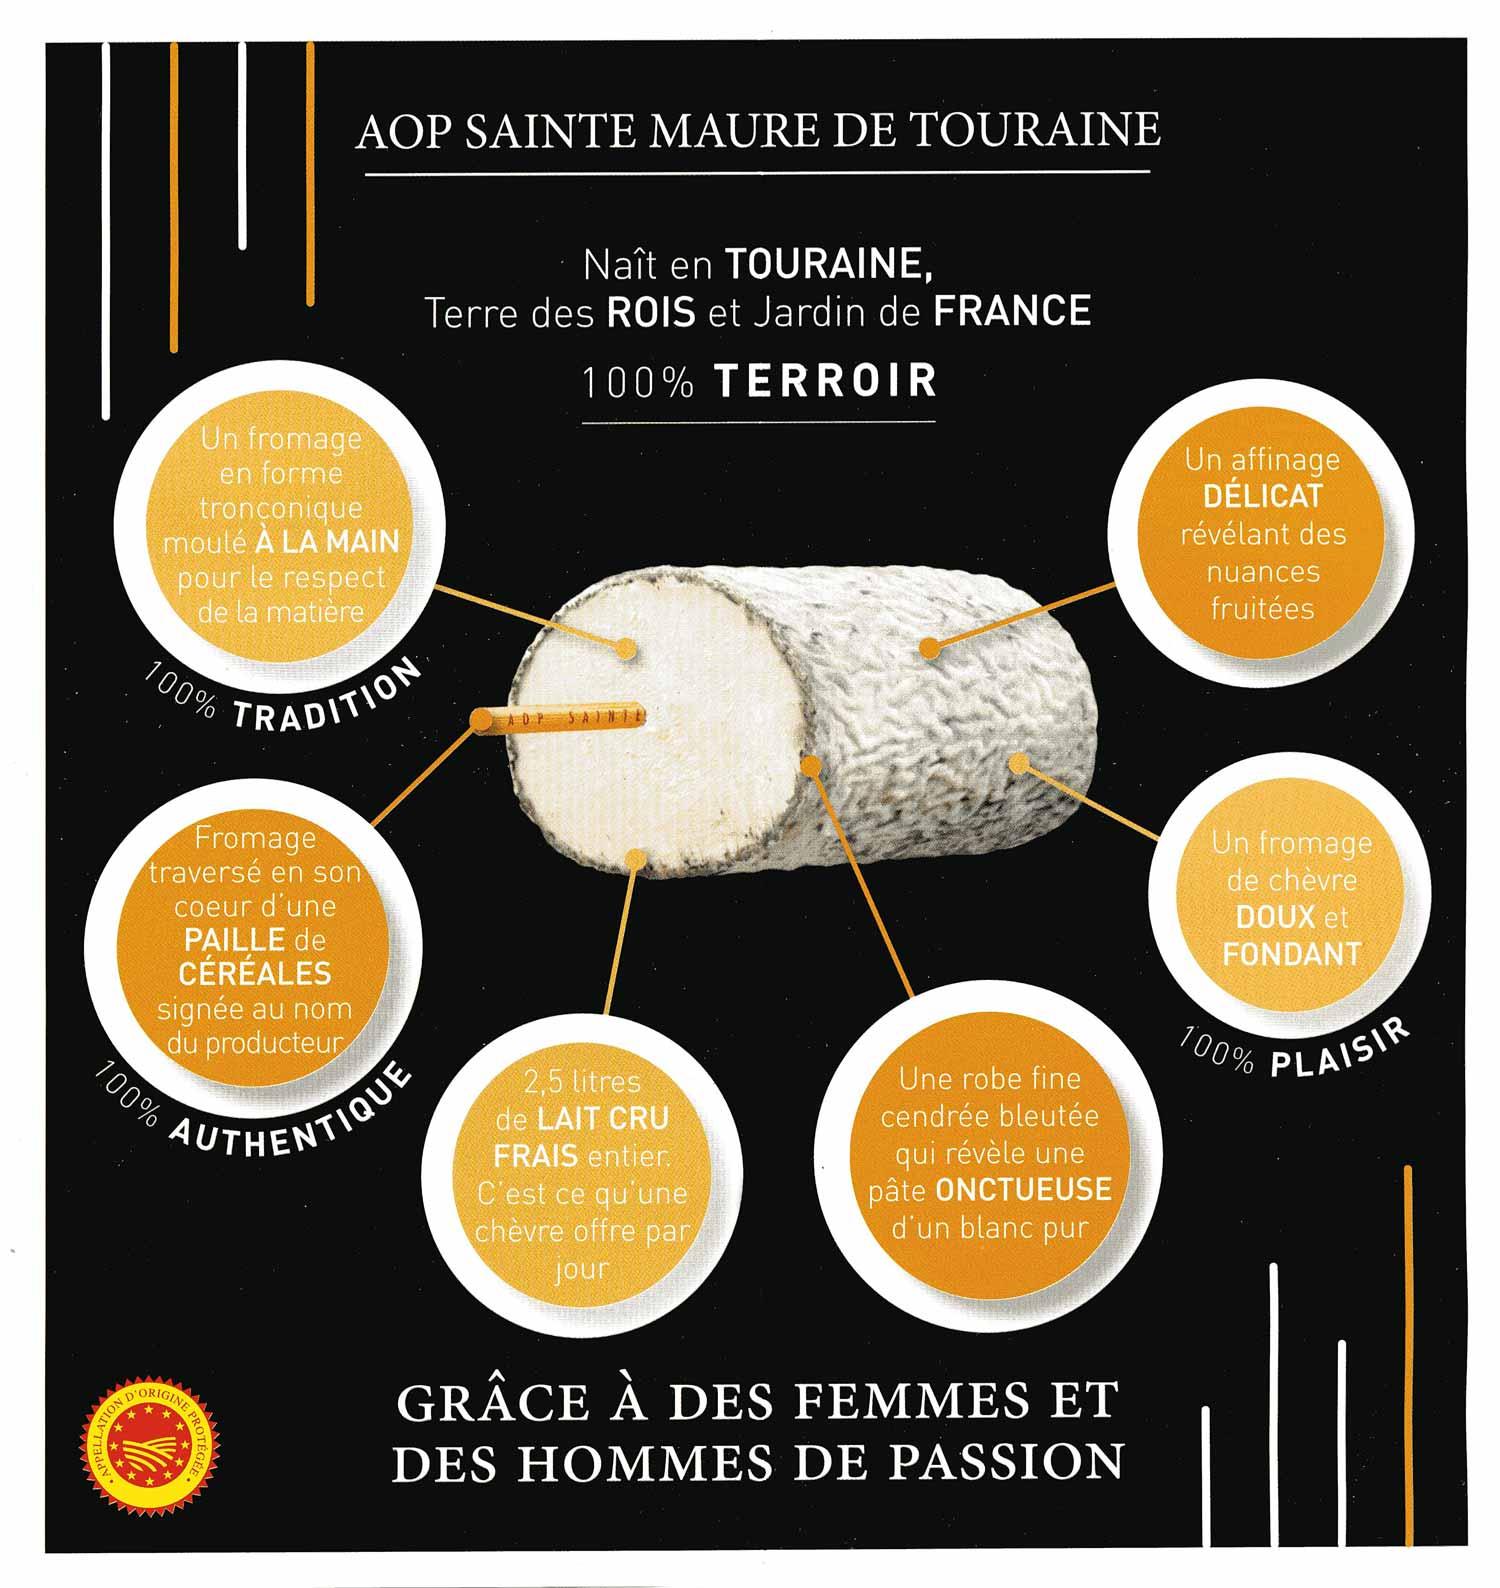 Critères du Sainte-Maure de Touraine AOP